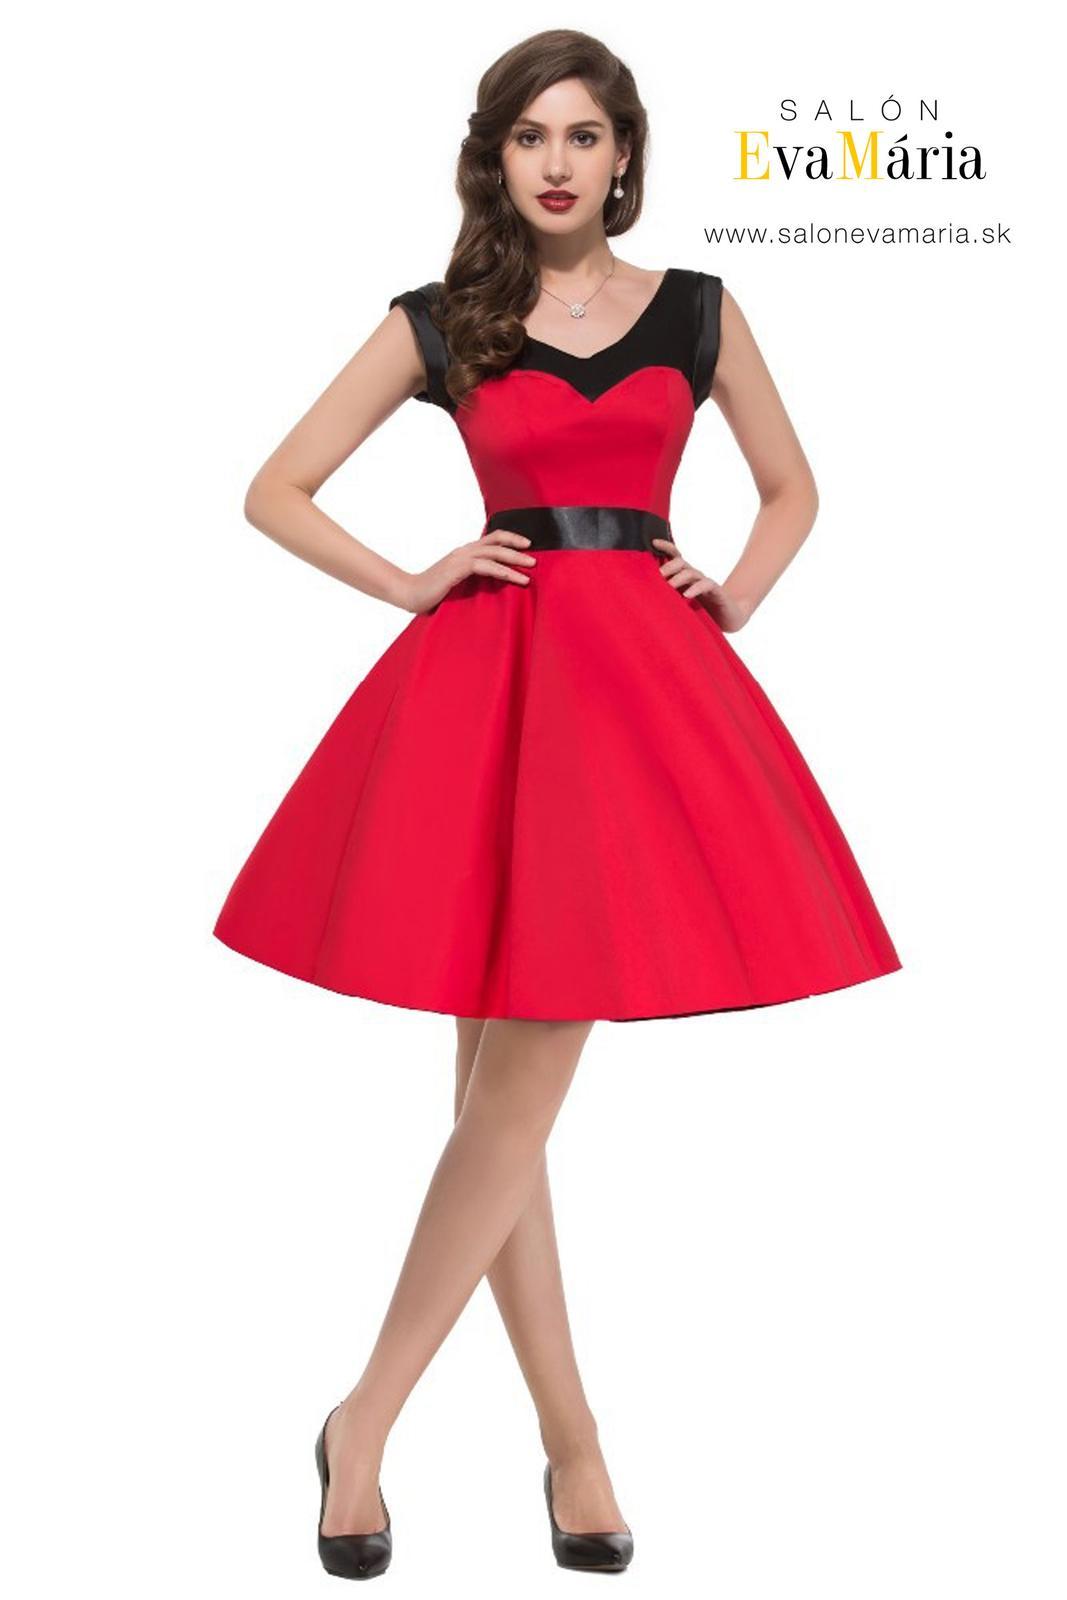 Retro šaty - Jedinečné červené retro šaty - 50. roky SKLADOM: http://salonevamaria.sk/index.php?id_category=27&controller=category NA OBJEDNÁVKU: http://salonevamaria.sk/index.php?id_category=10&controller=category